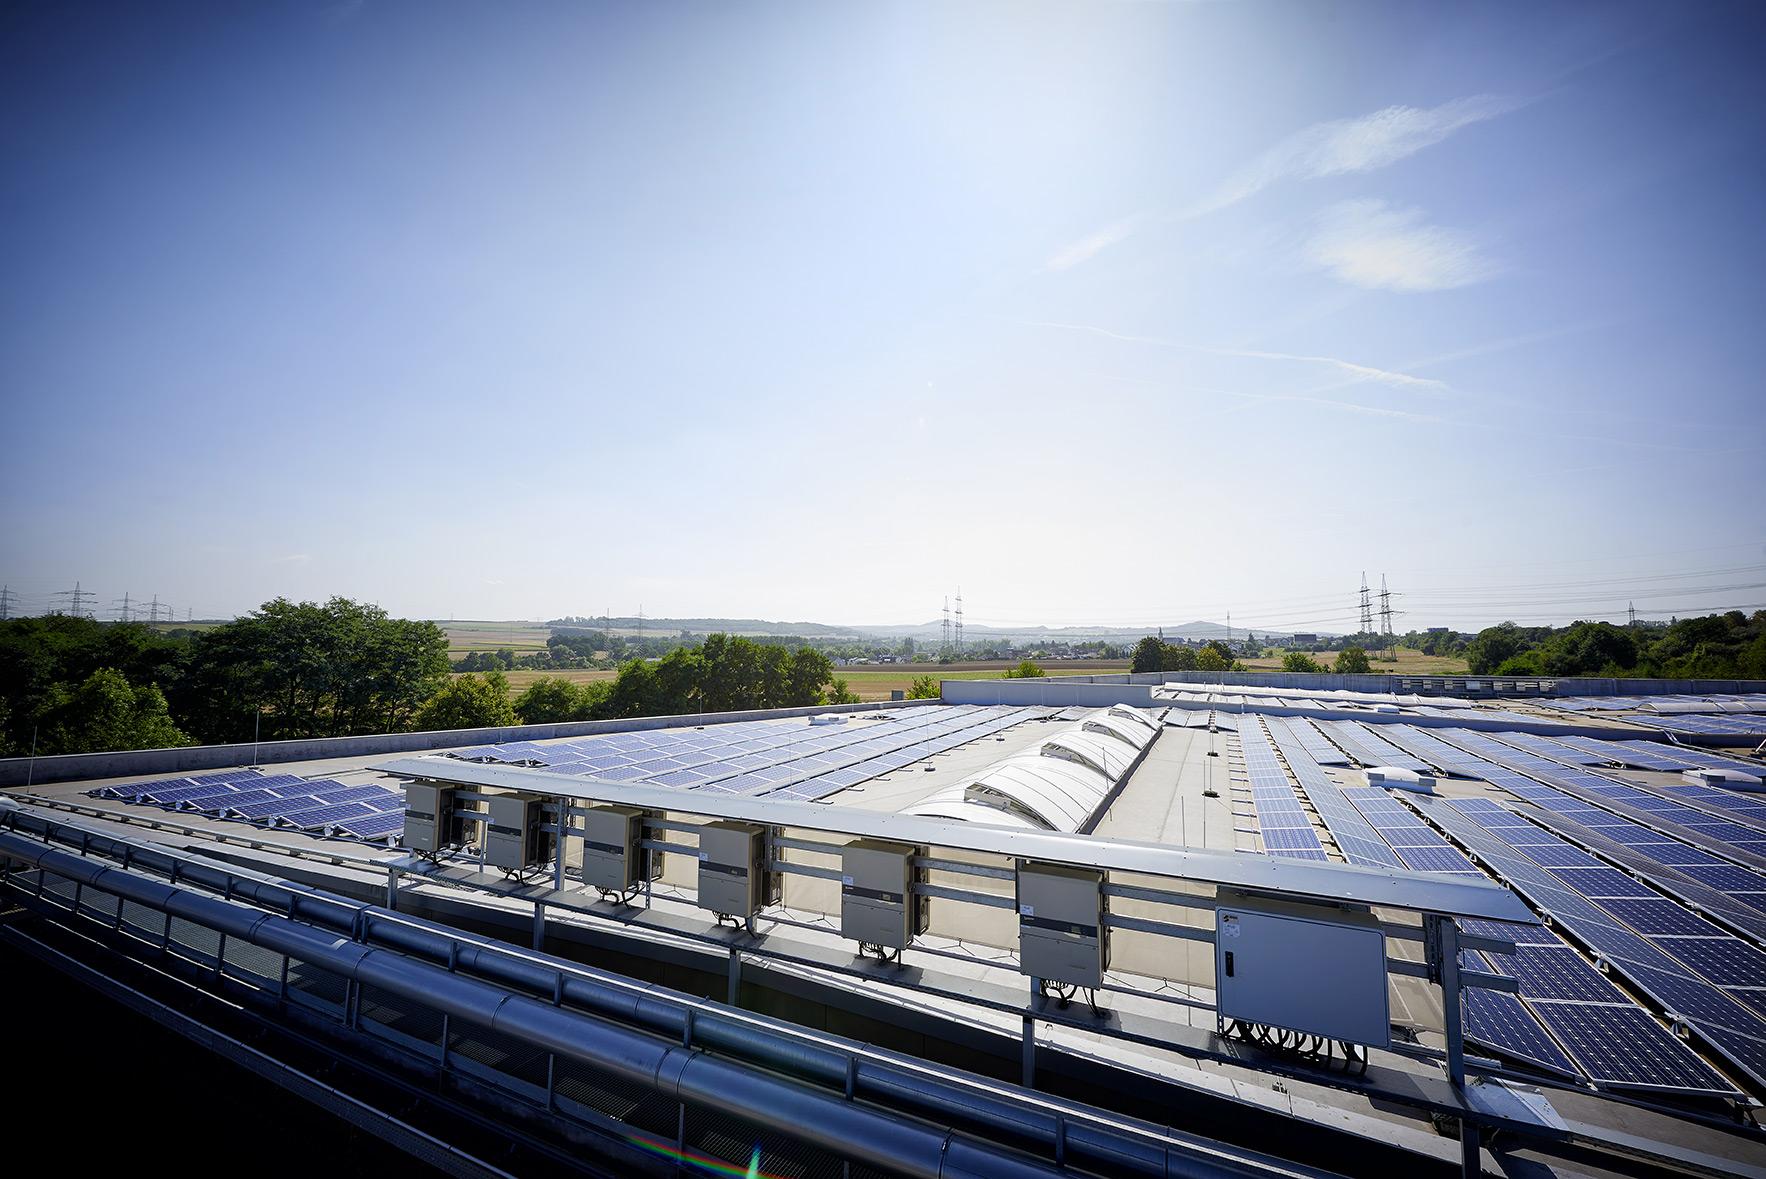 brohlburg-ref-wi_solar_07_09_16_kaisersesch_blankenrath__dsc4914